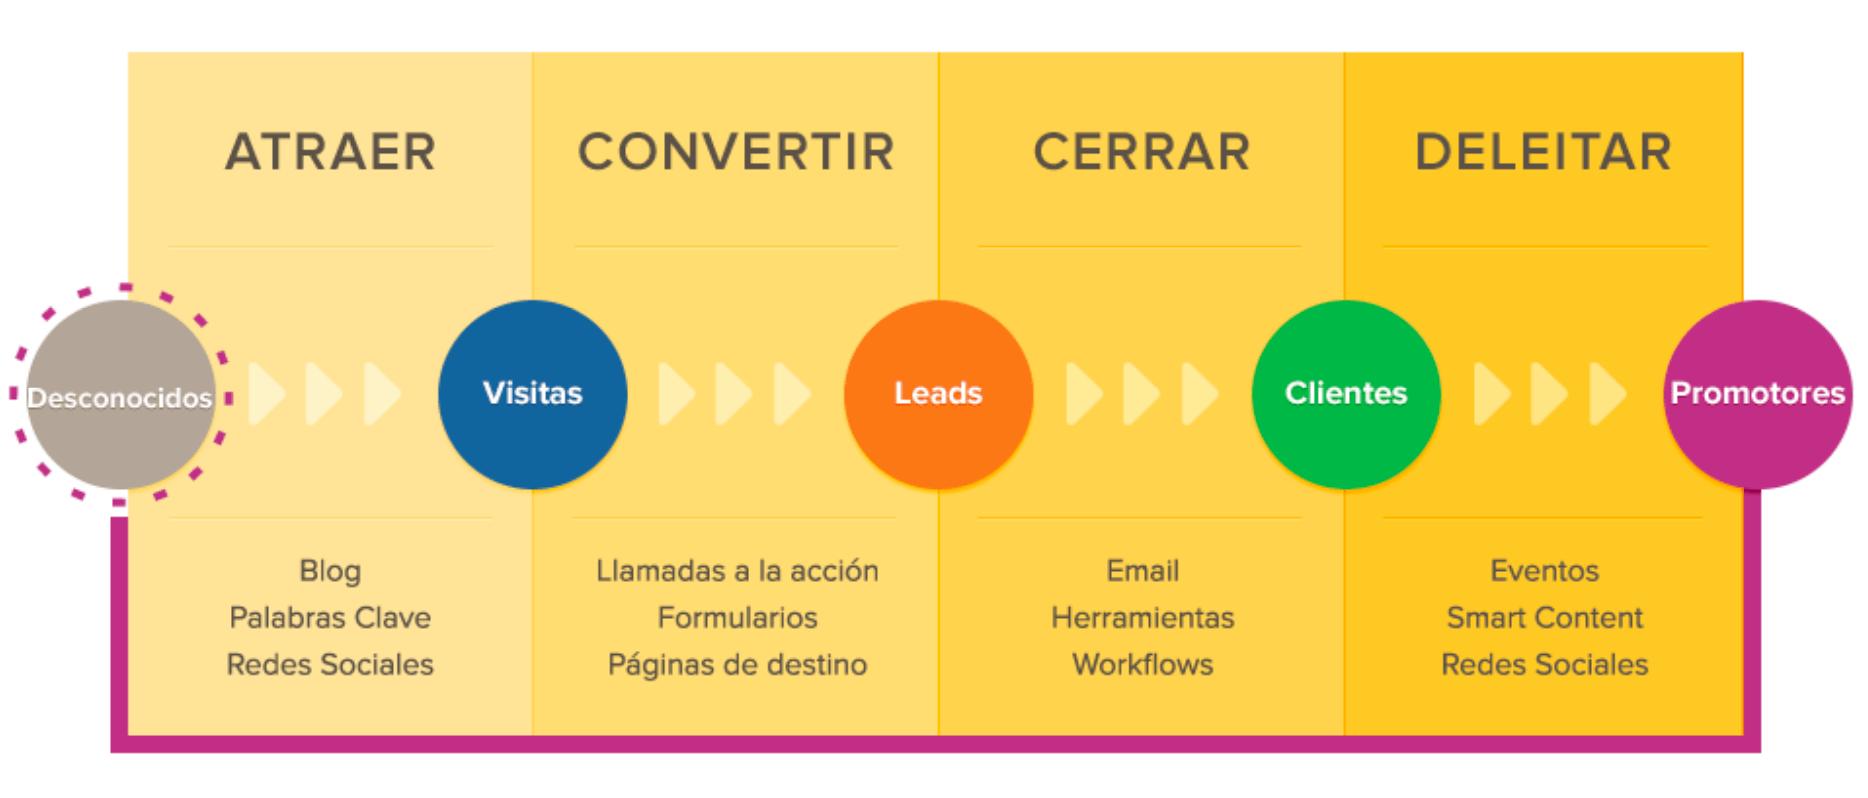 Inbound Marketing - Atraer - Convertir - Cerrar- Deleitar